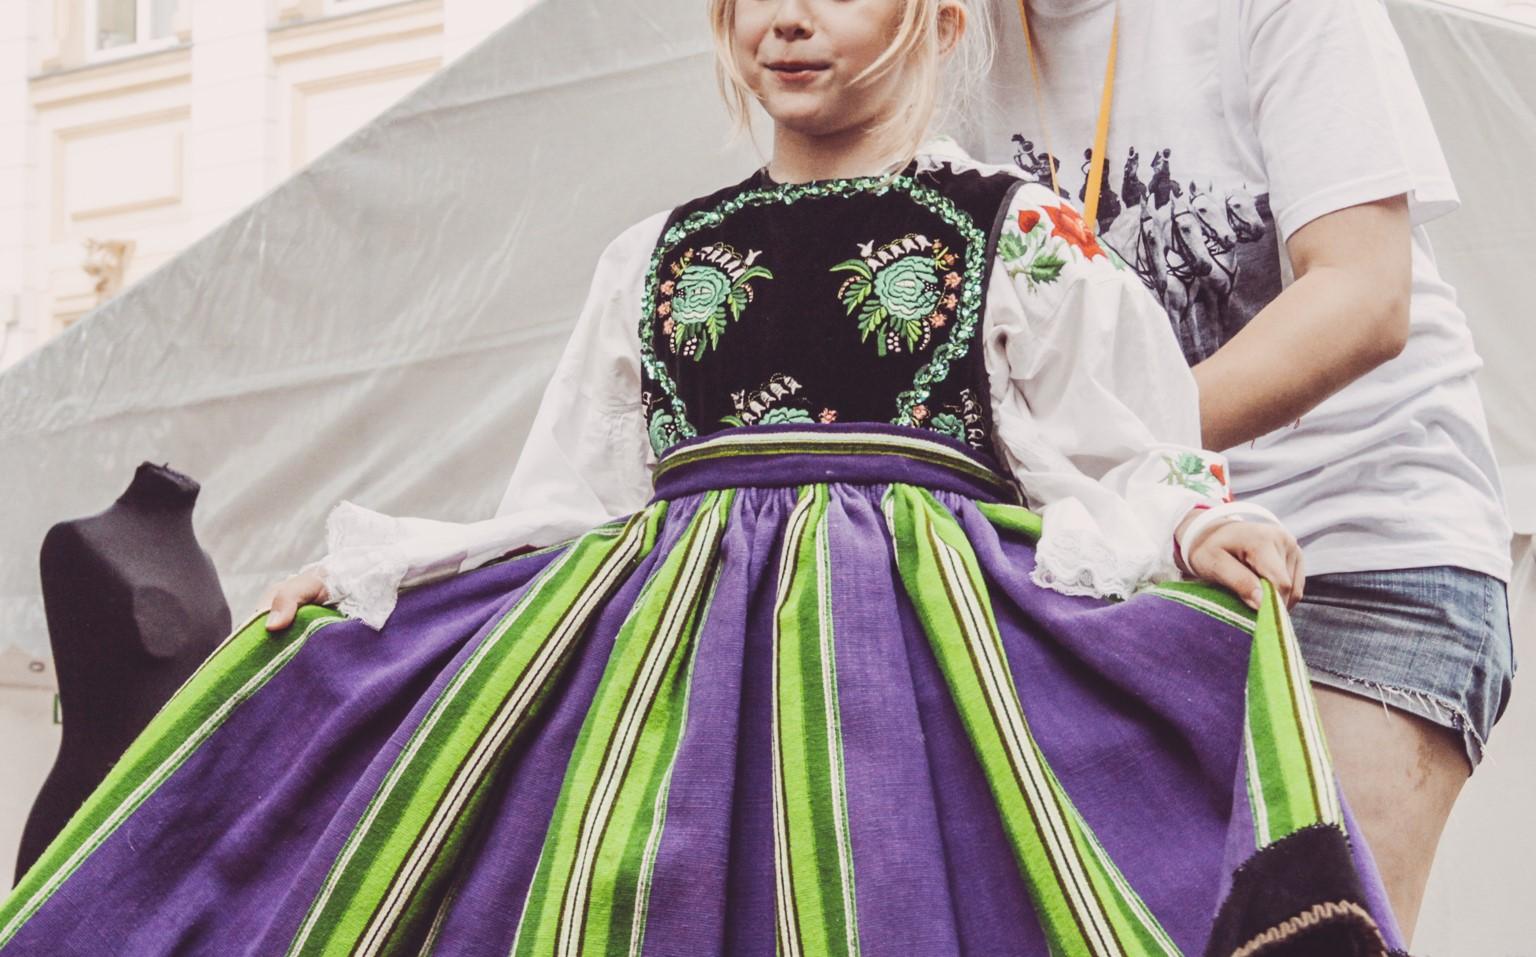 dziewczynka prezentuje przymierzony tradycyjny strój polski